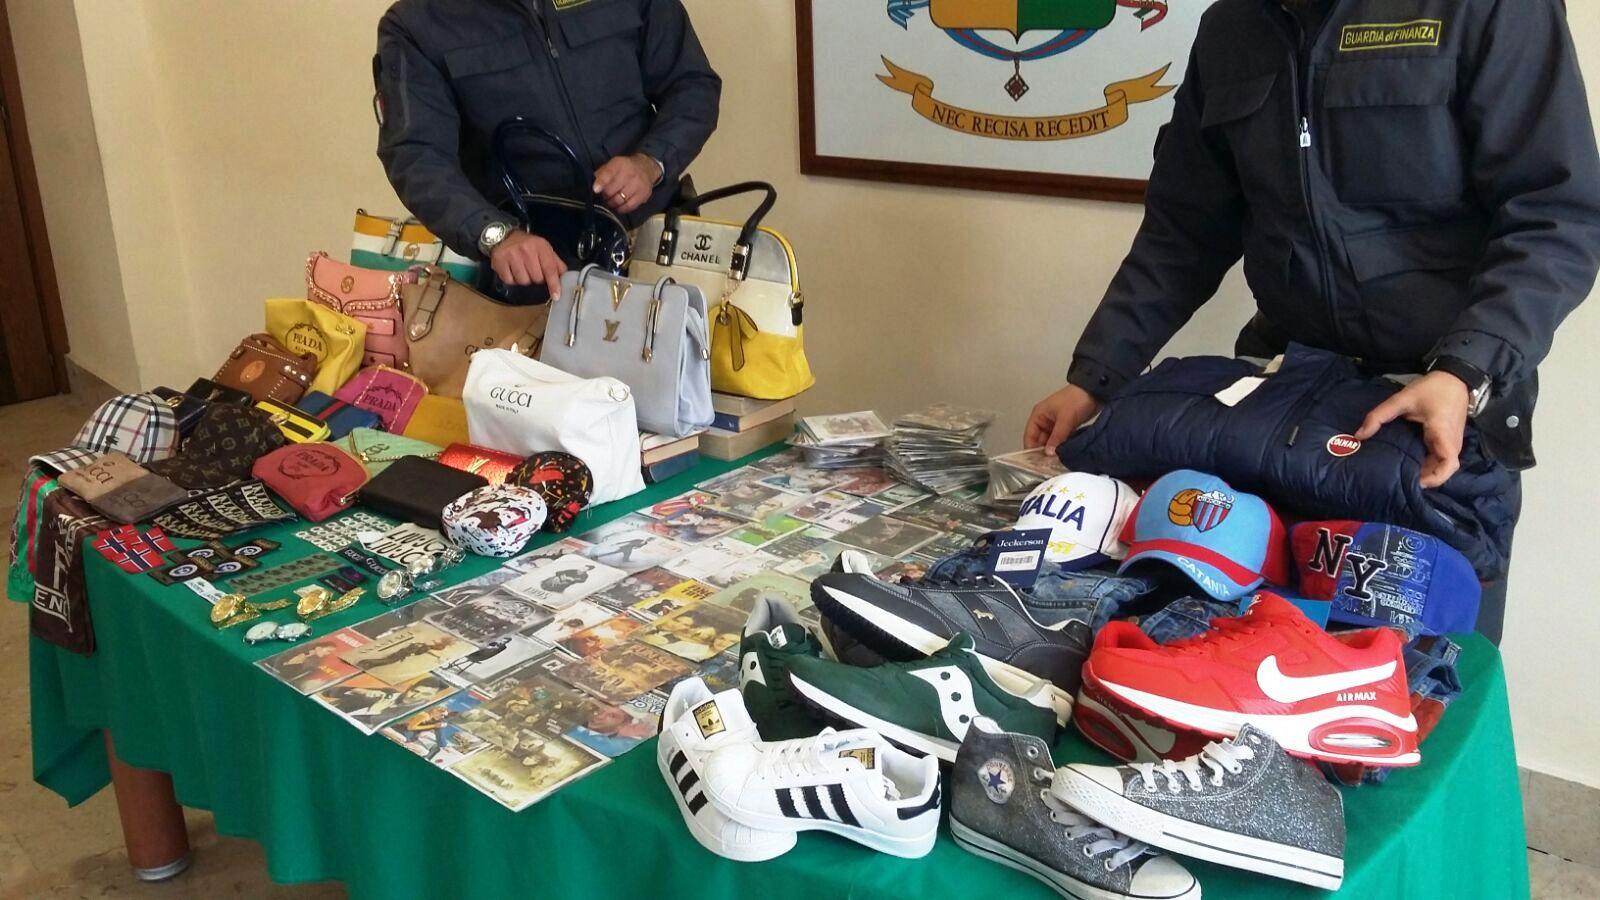 a57fef410431 Seimila prodotti falsi sequestrati a Catania, scattano 5 denunce ...